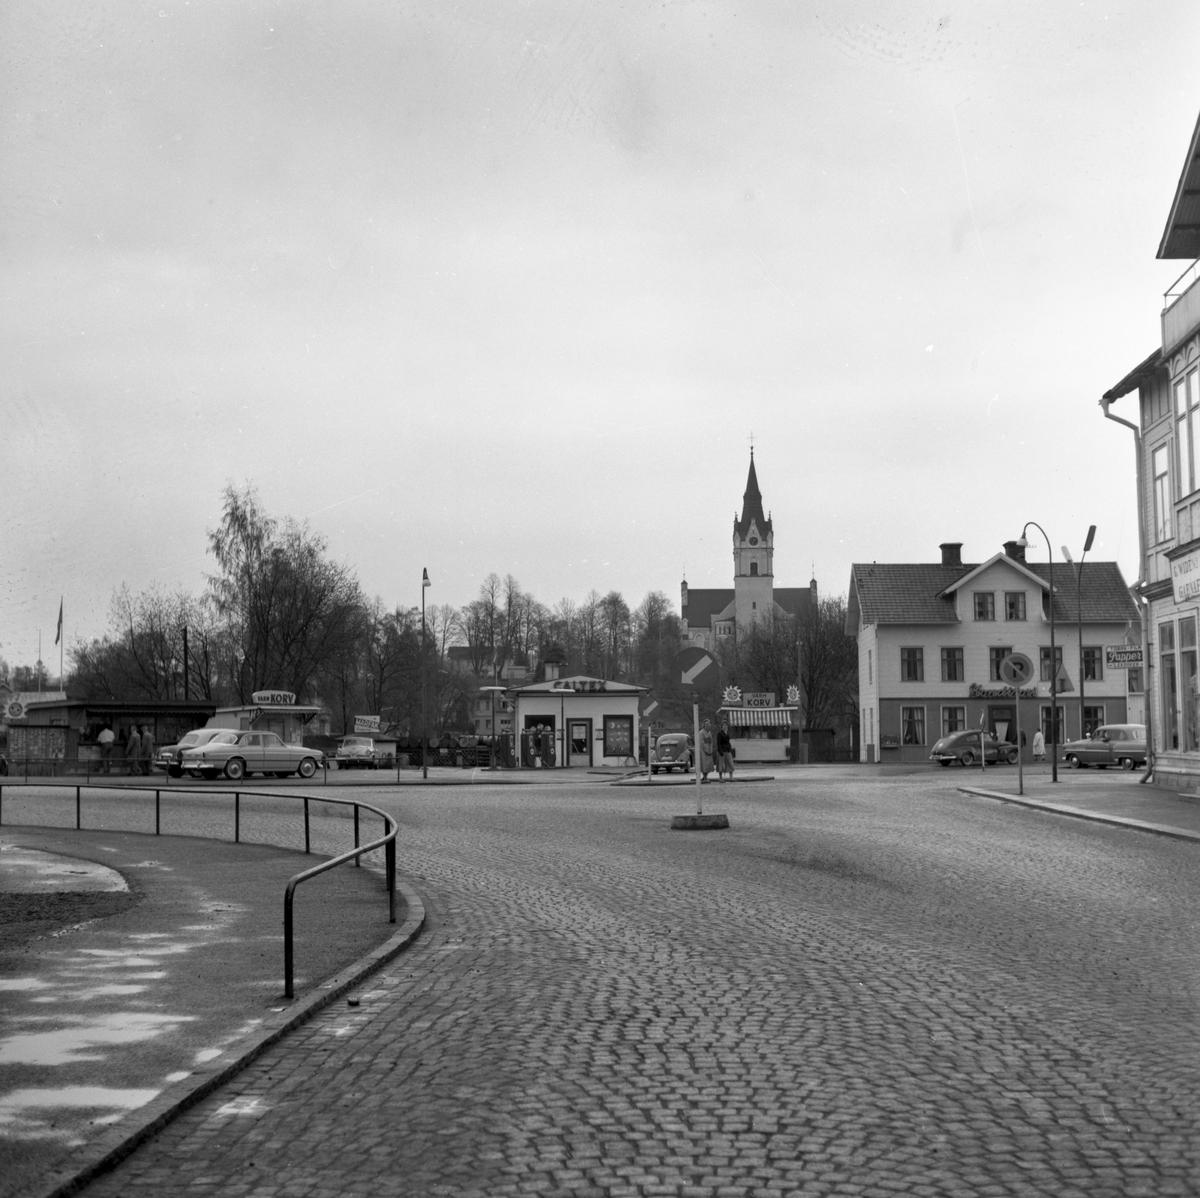 """Någonstans i Värmland - från slutet av 1950-talet. Kommentar från en användare: """"Bilden är tagen i Sunne, Gyllners hus skymtar längst till höger""""."""